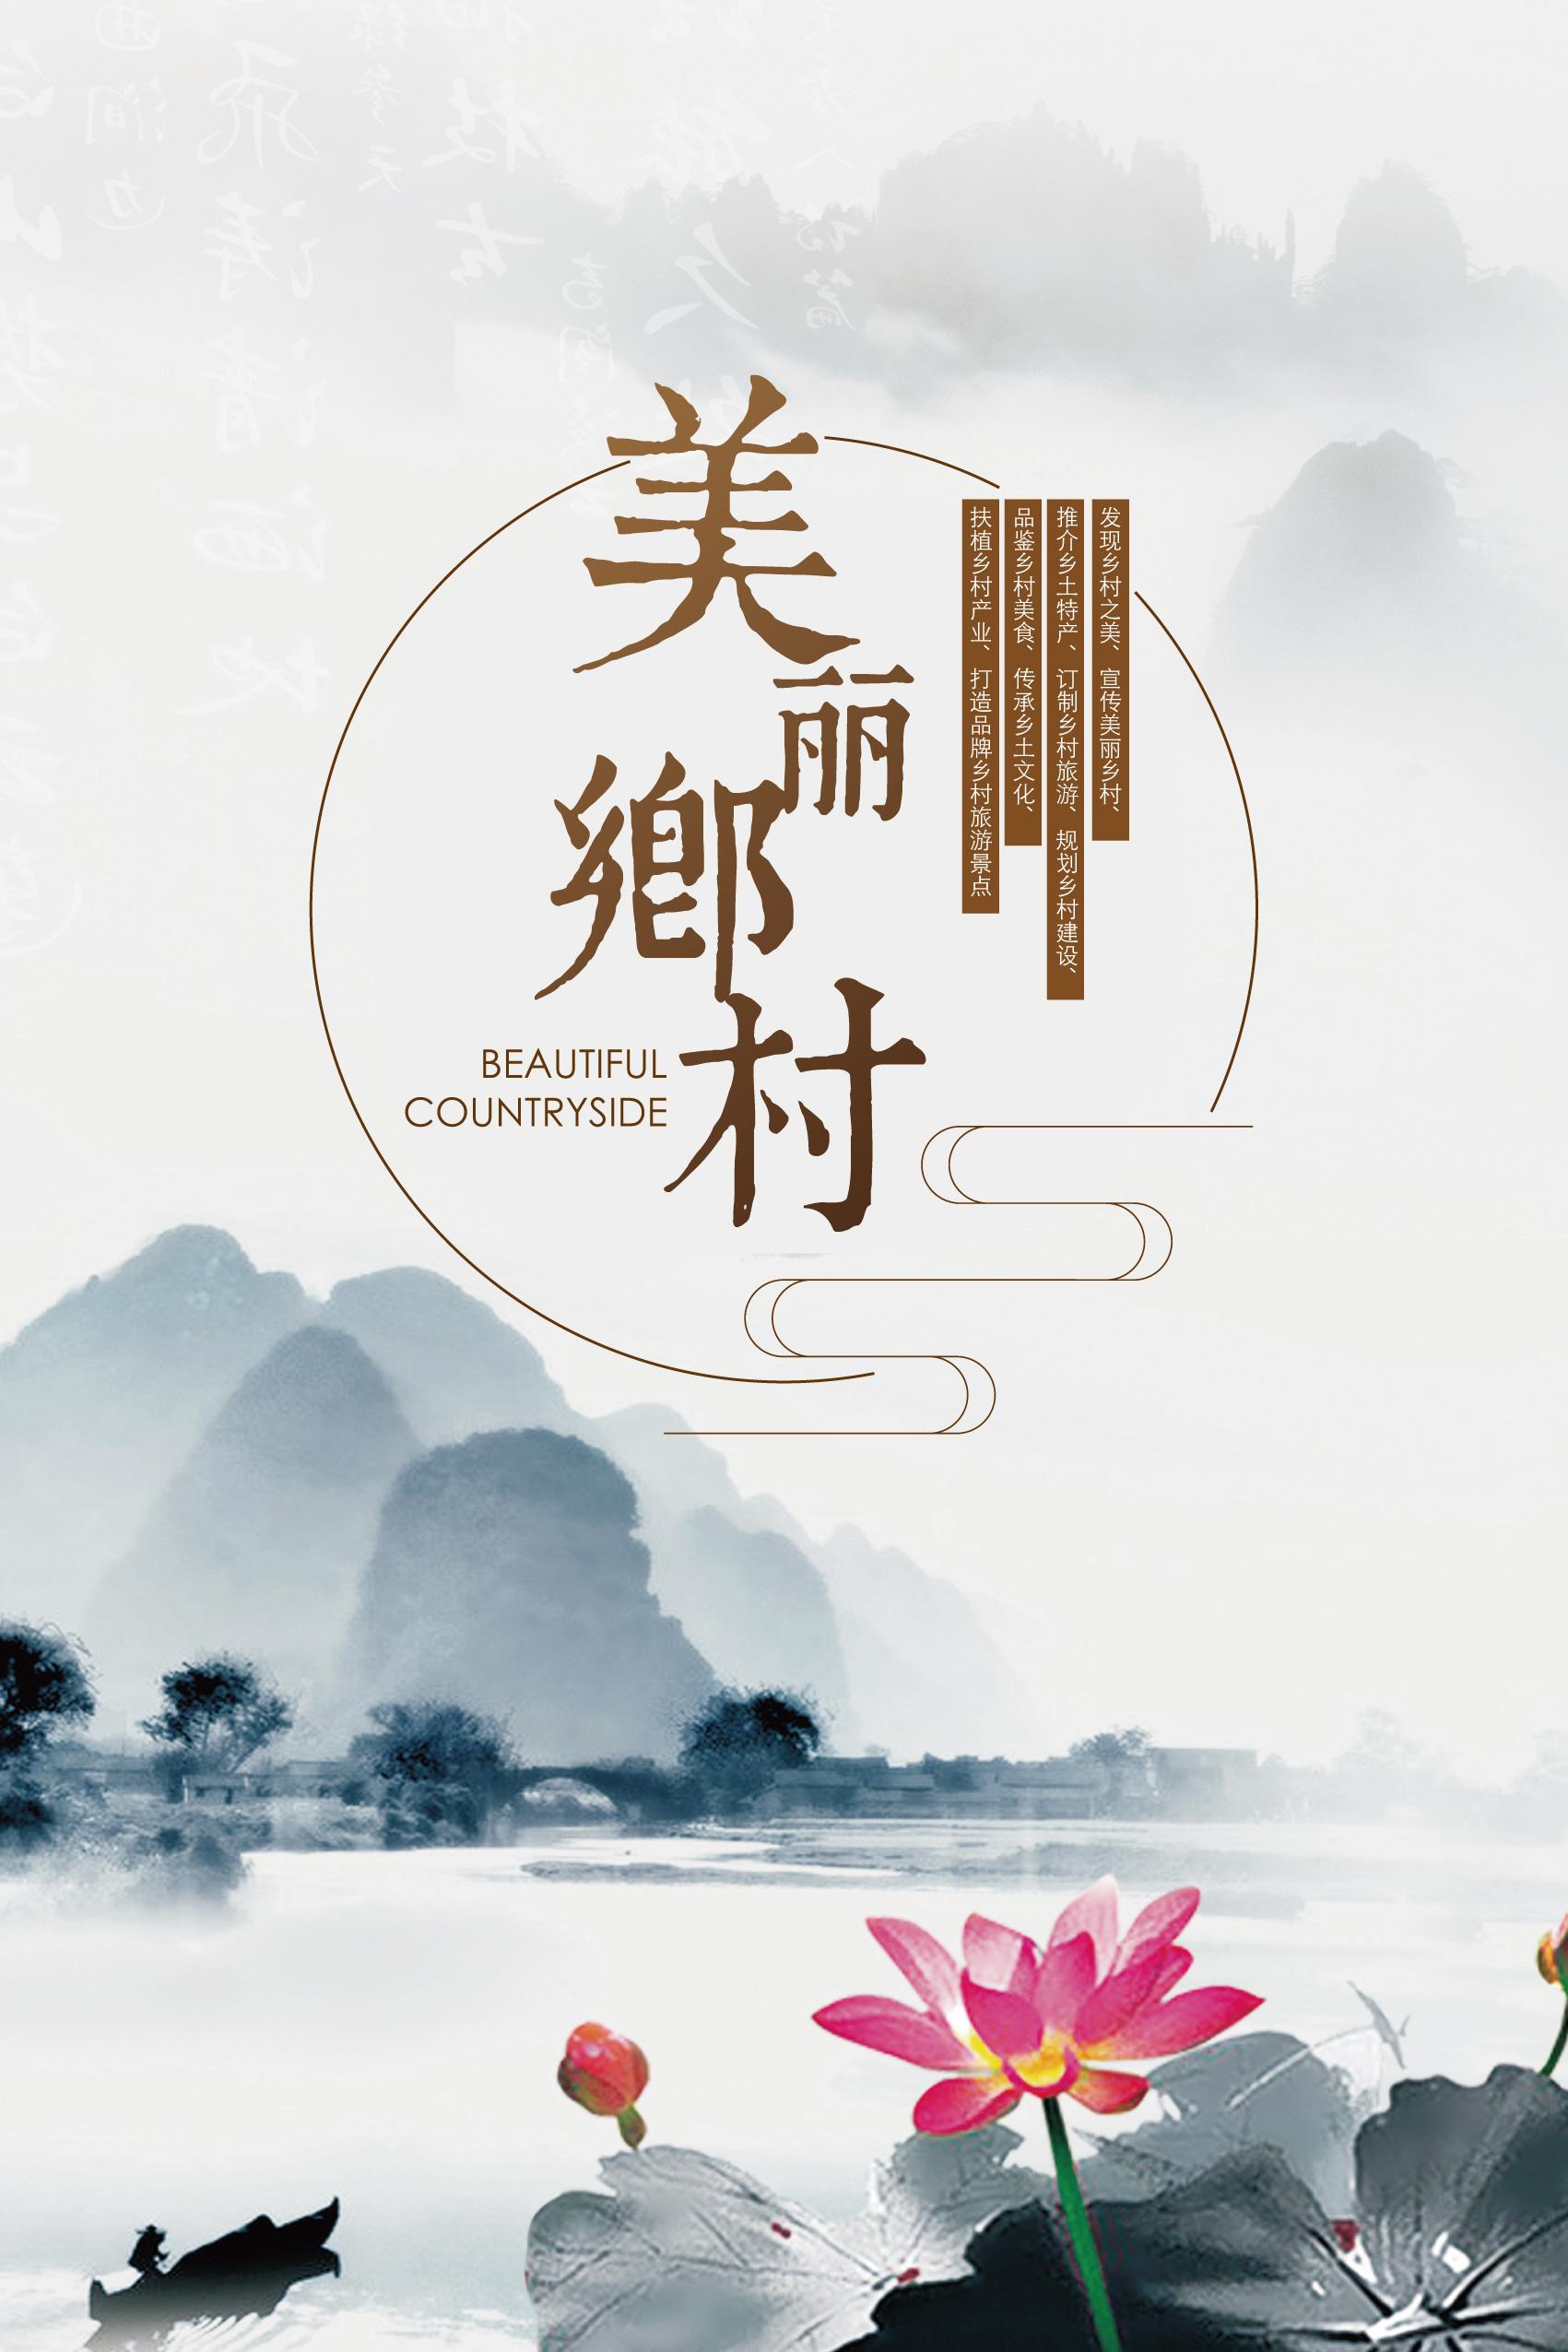 美丽乡村|平面|海报|方智辉 - 临摹作品 - 站酷